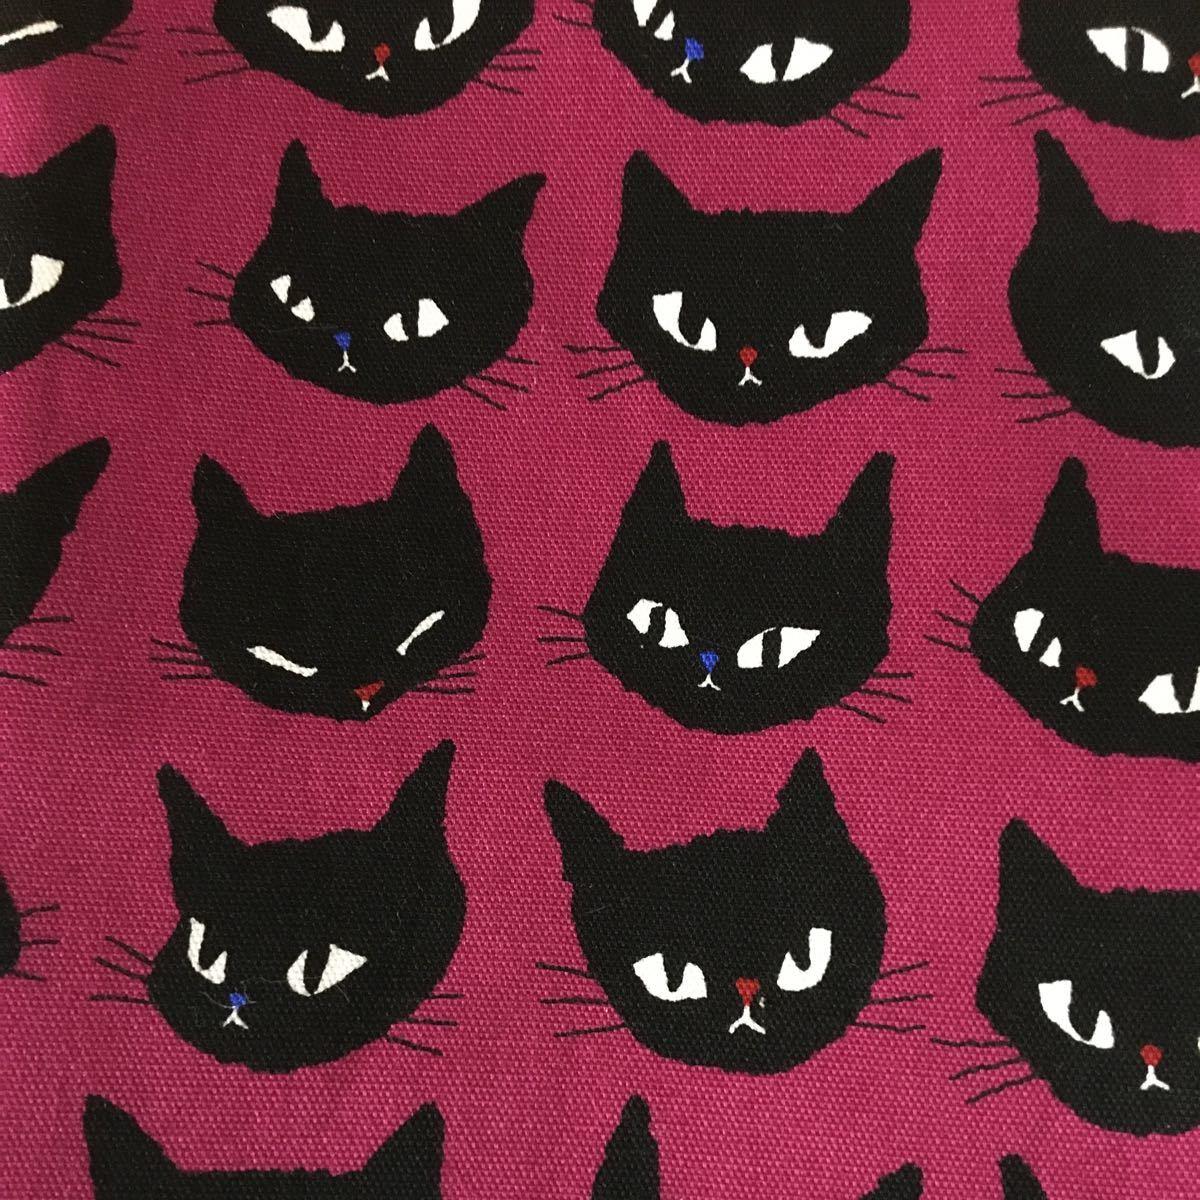 黒猫 フェイス はぎれ 生地 パープル 赤紫